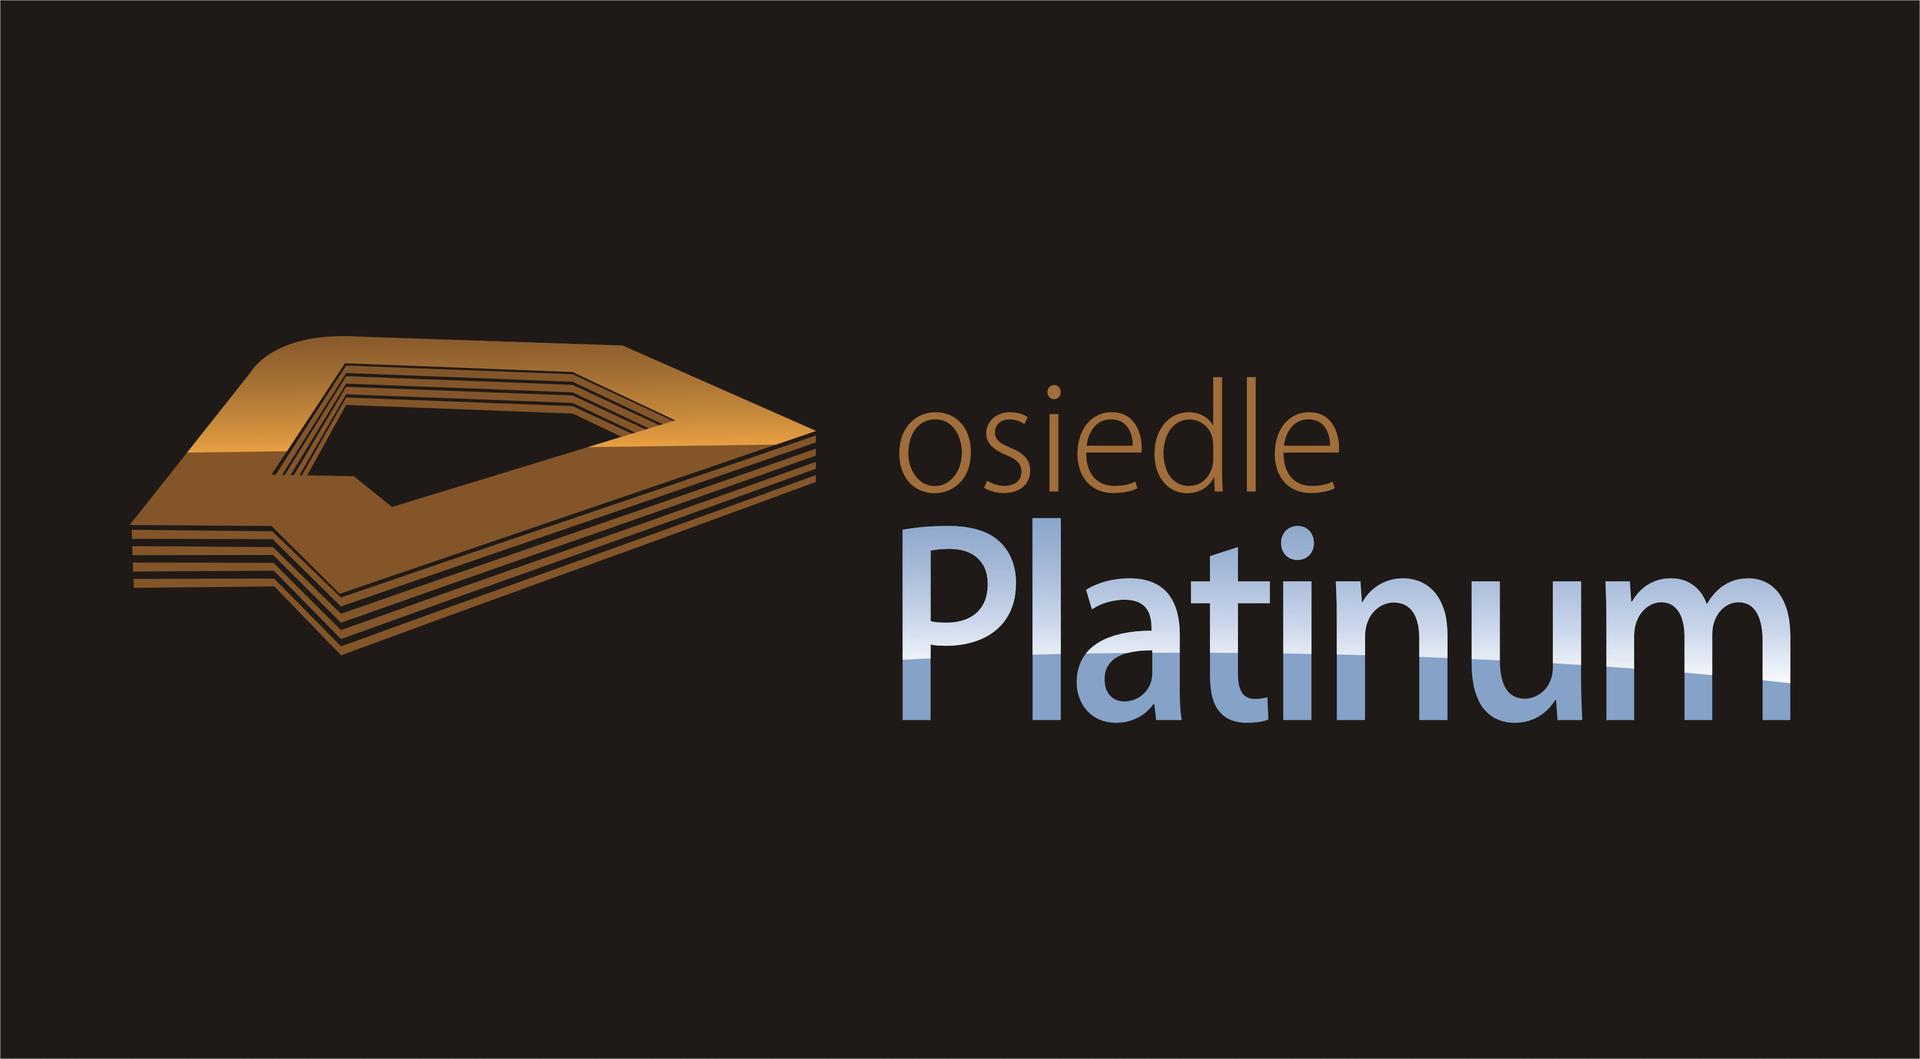 Osiedle Platinum